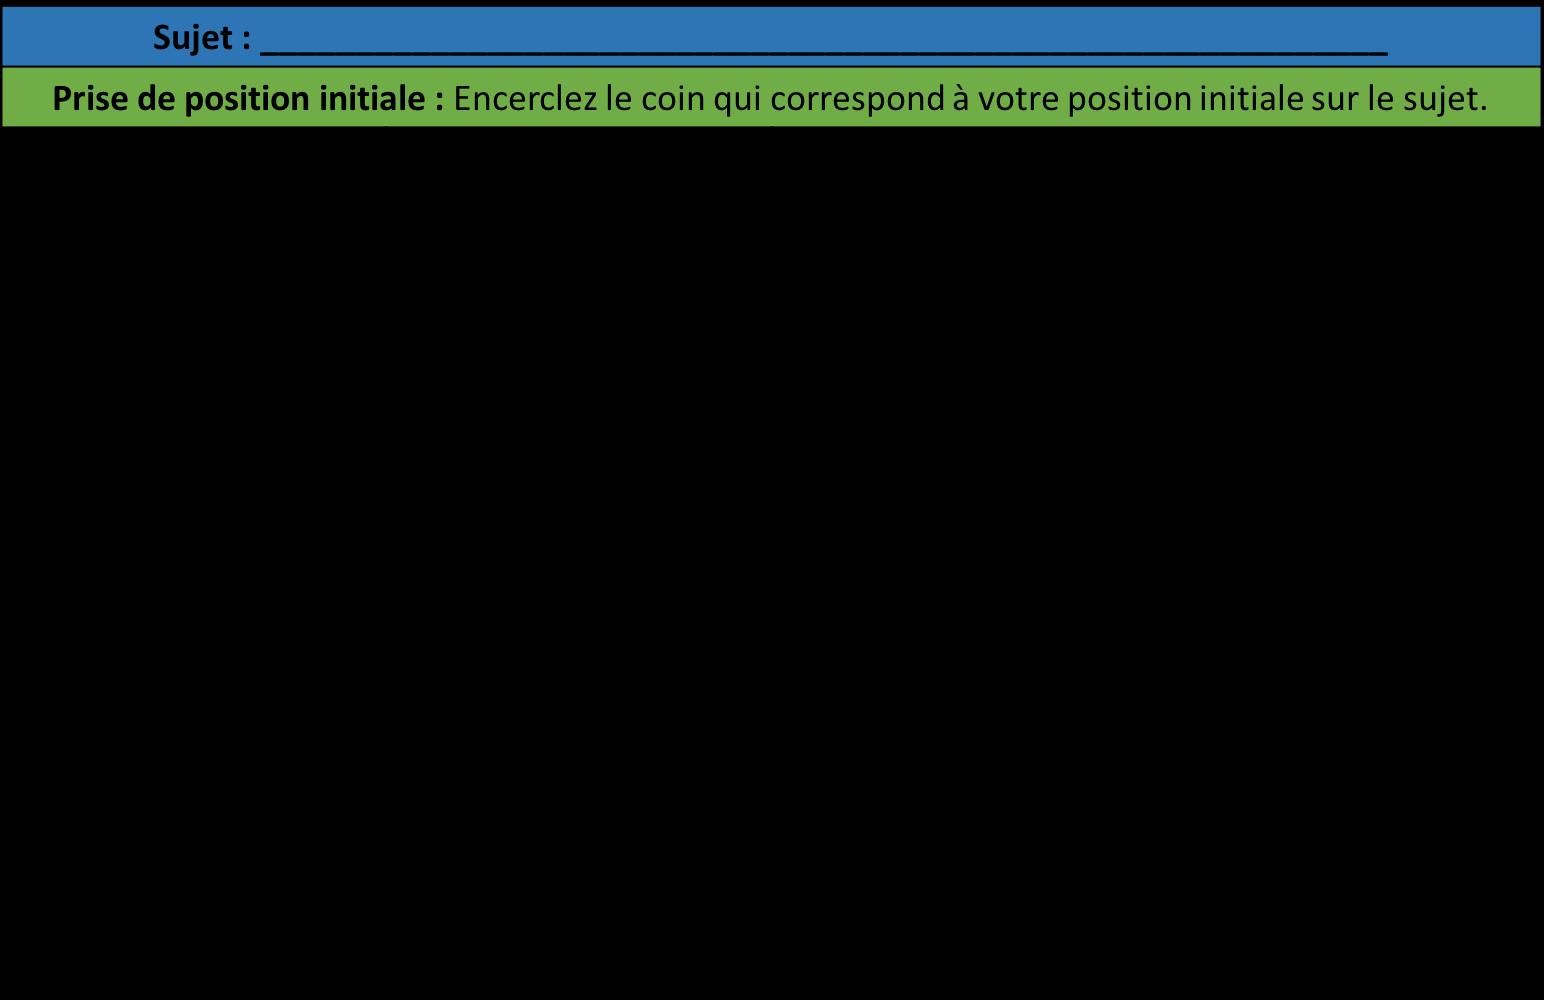 quatre_coins_position_initiale